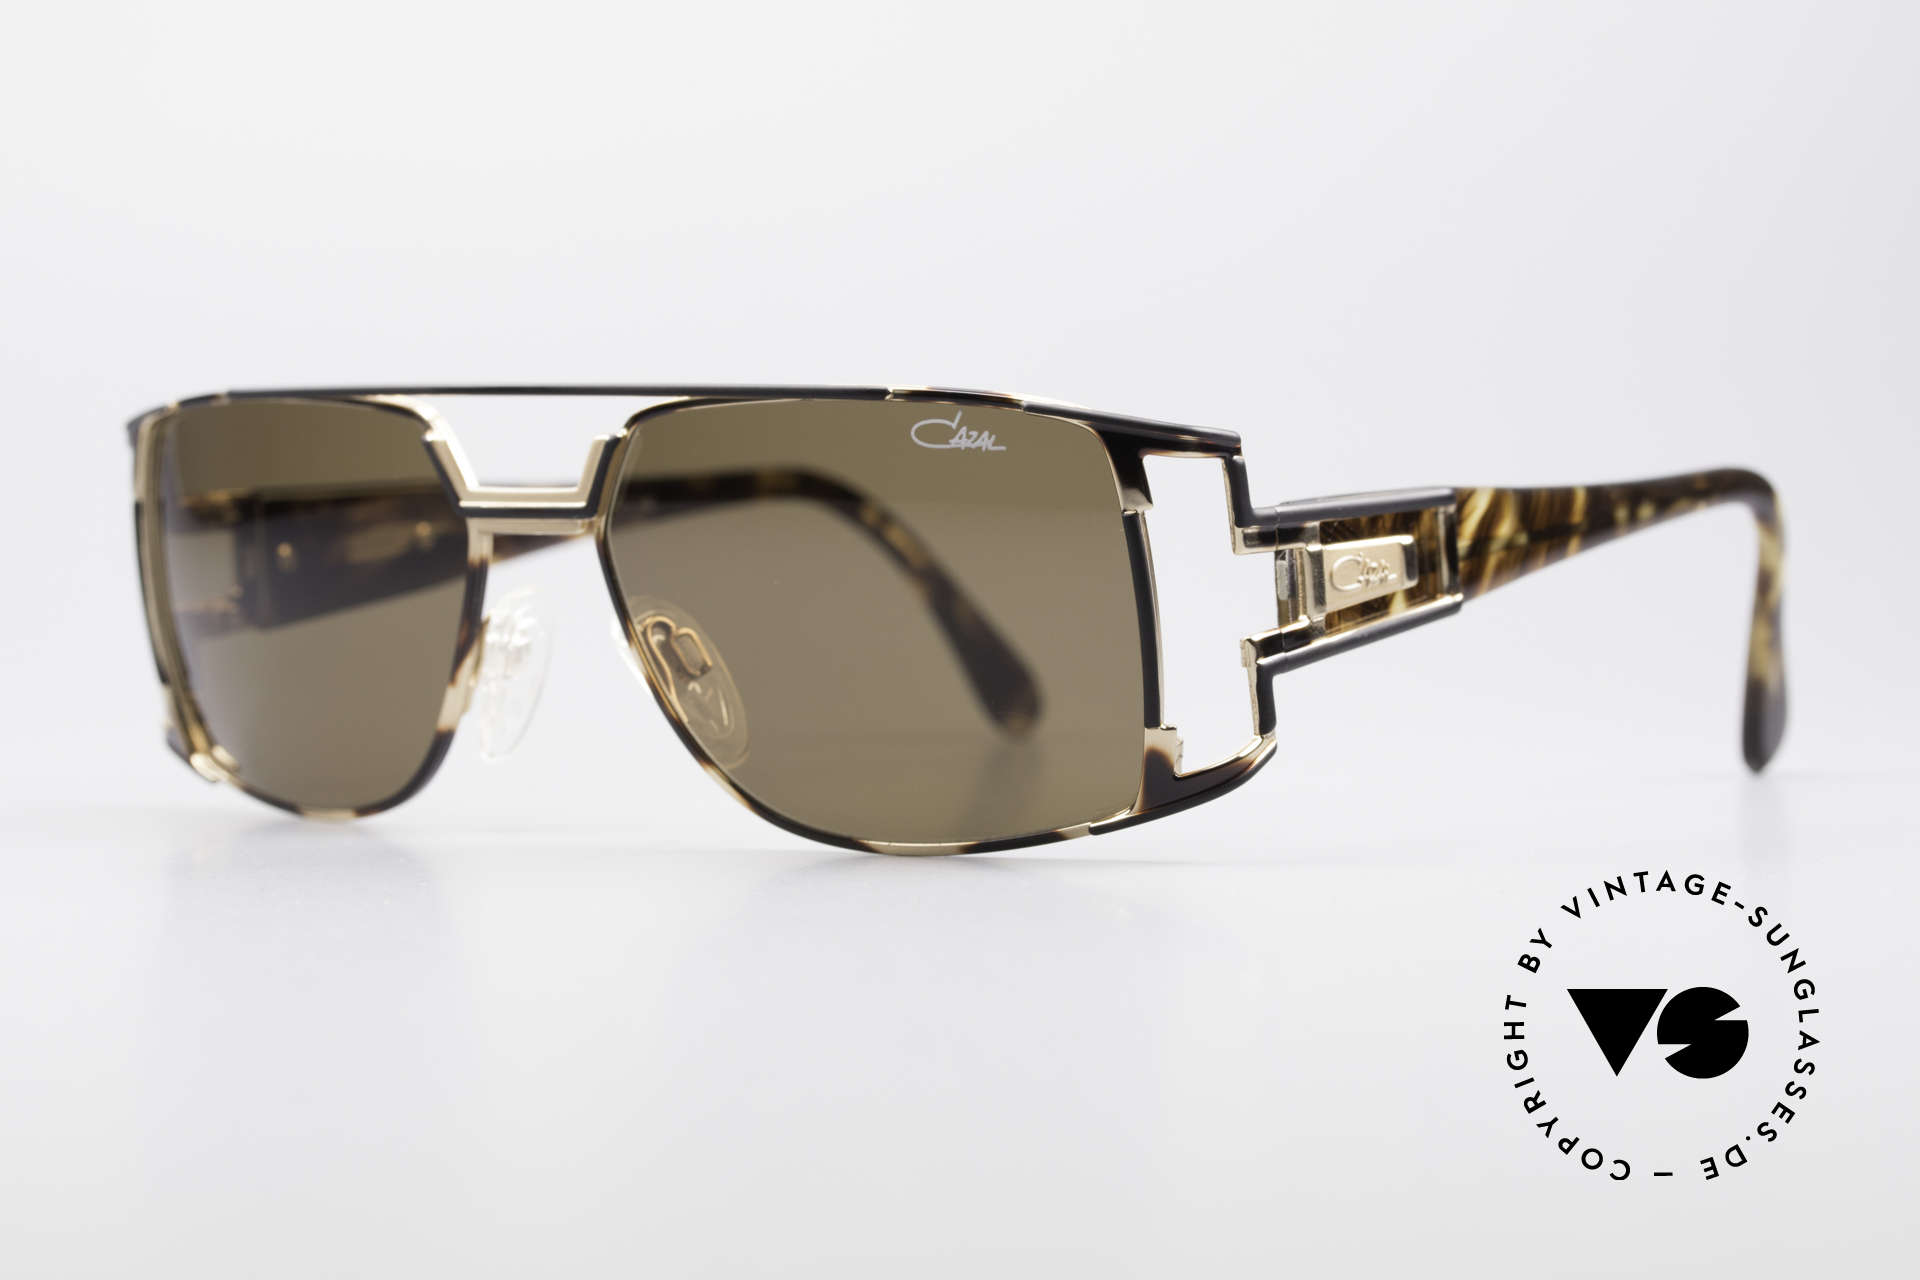 Cazal 974 Designer Brille Damen Herren, zudem sehr elegantes Farbkonzept in havanna / schwarz, Passend für Herren und Damen